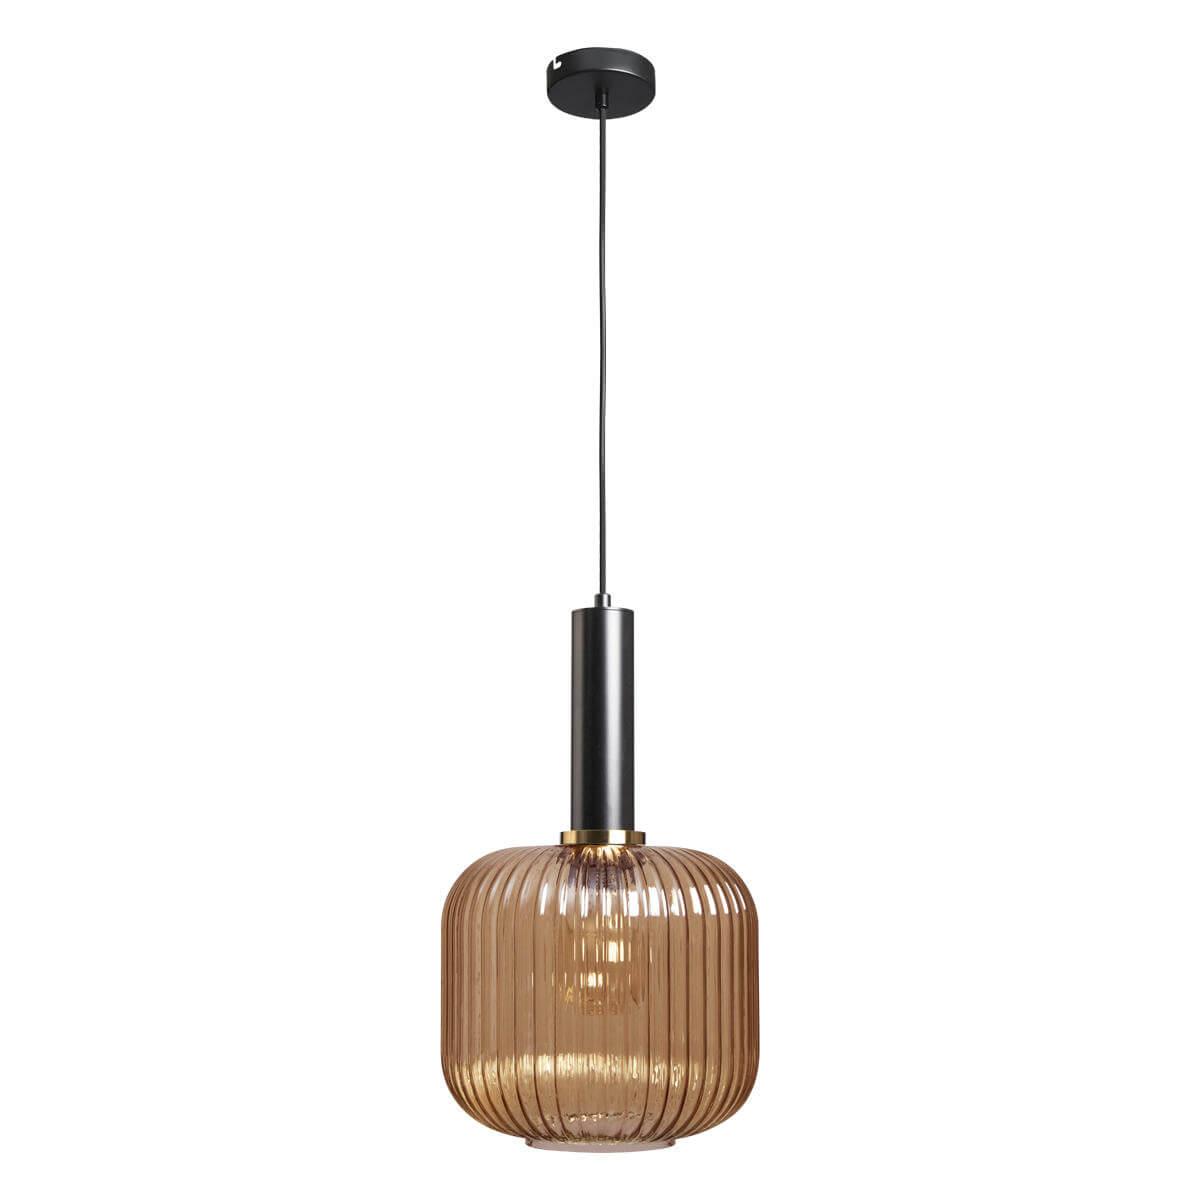 Светильник Loft IT 2071-B+BL 2070 светильник loft it 8134 b knot